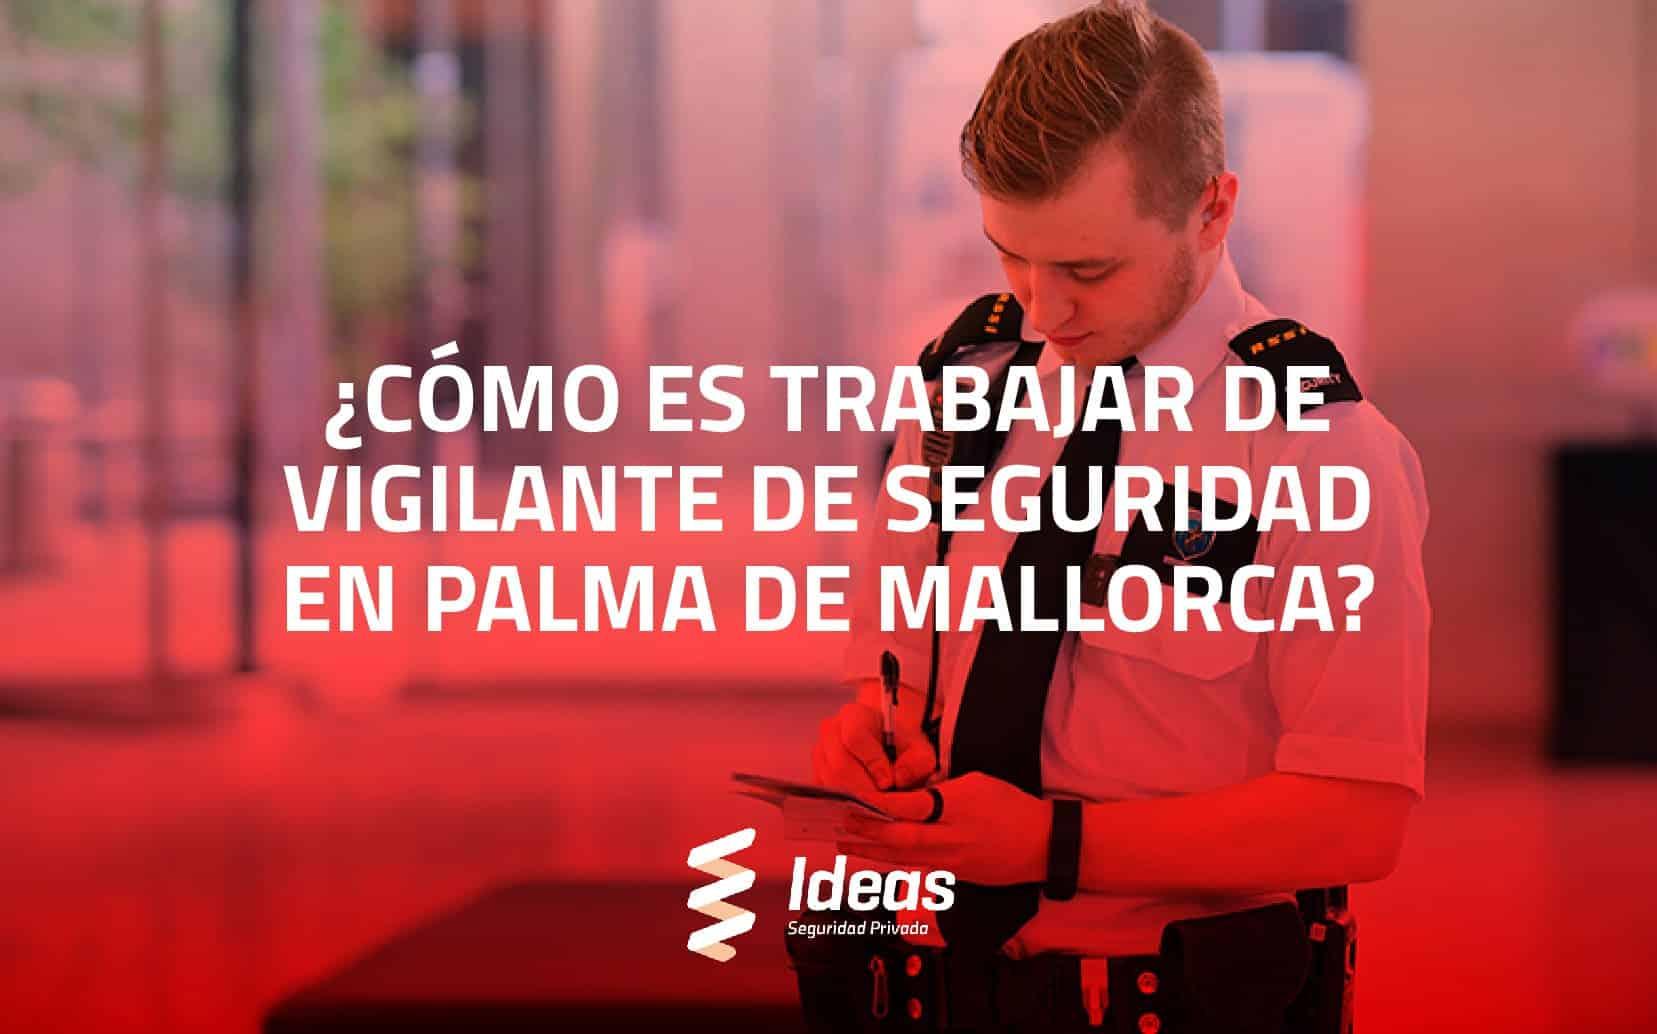 ¿Cómo es trabajar de Vigilante de Seguridad en Palma de Mallorca?